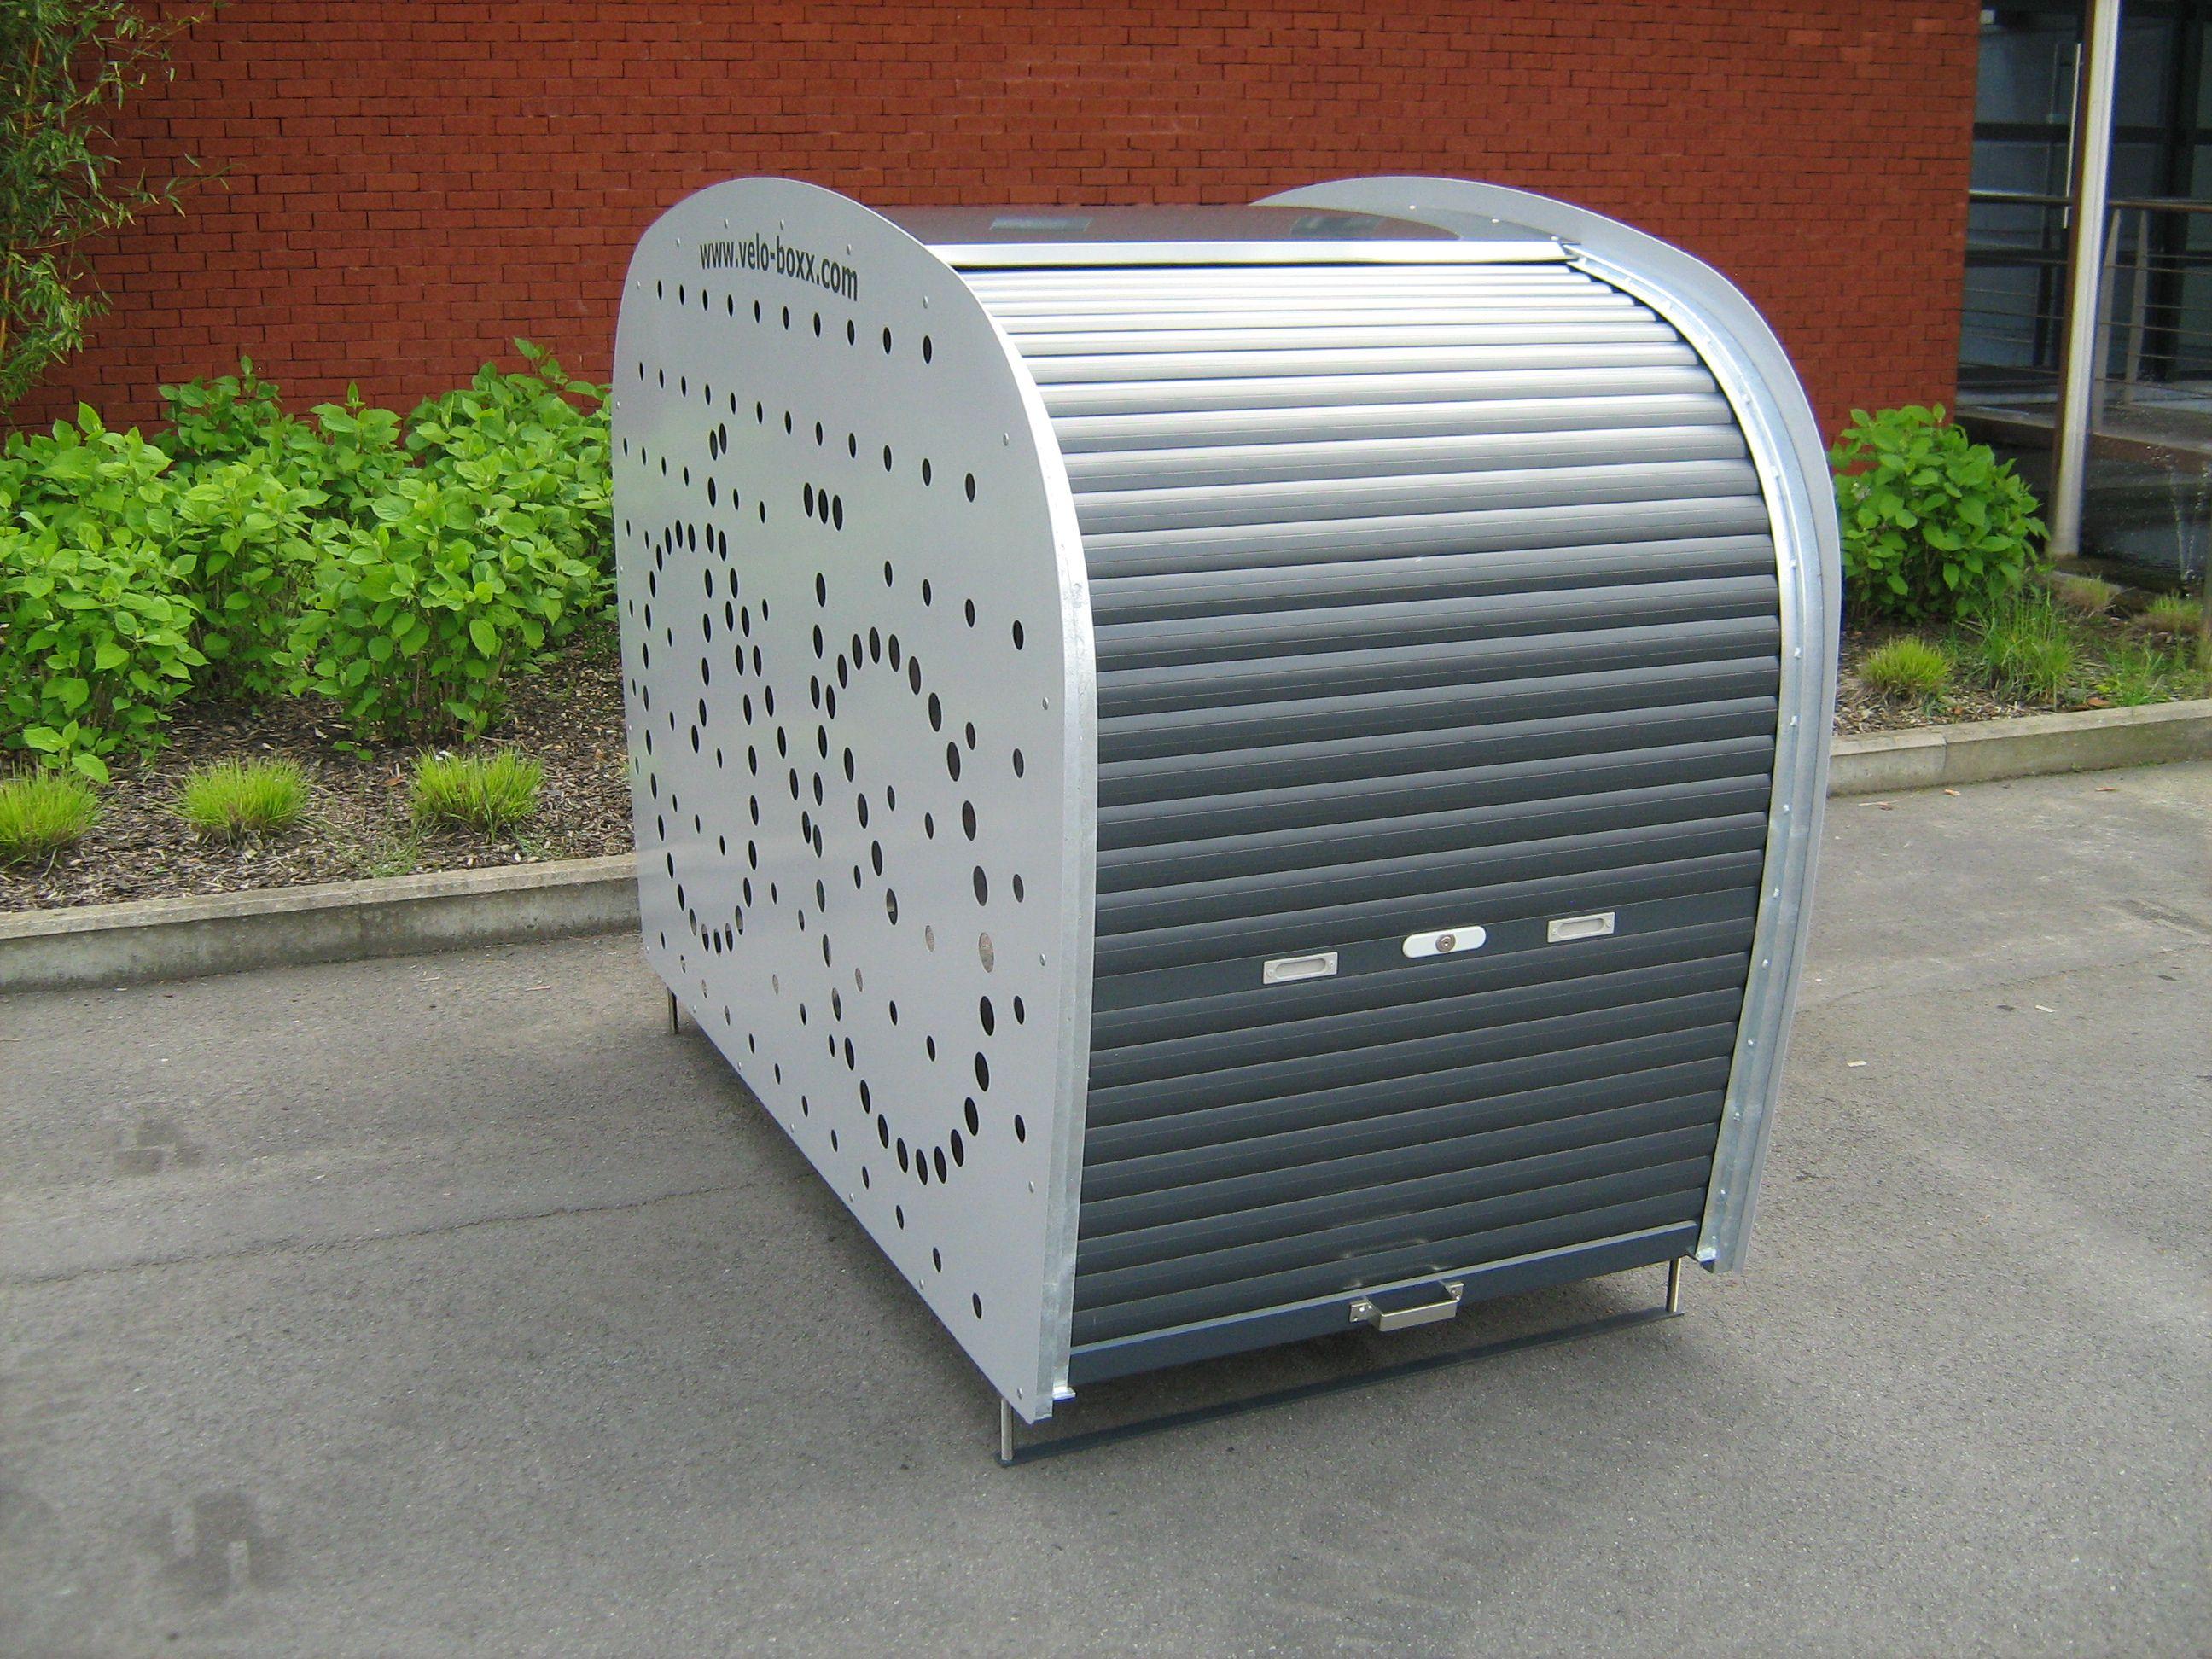 velo boxx de meest complete fiesttrommel kert garden. Black Bedroom Furniture Sets. Home Design Ideas